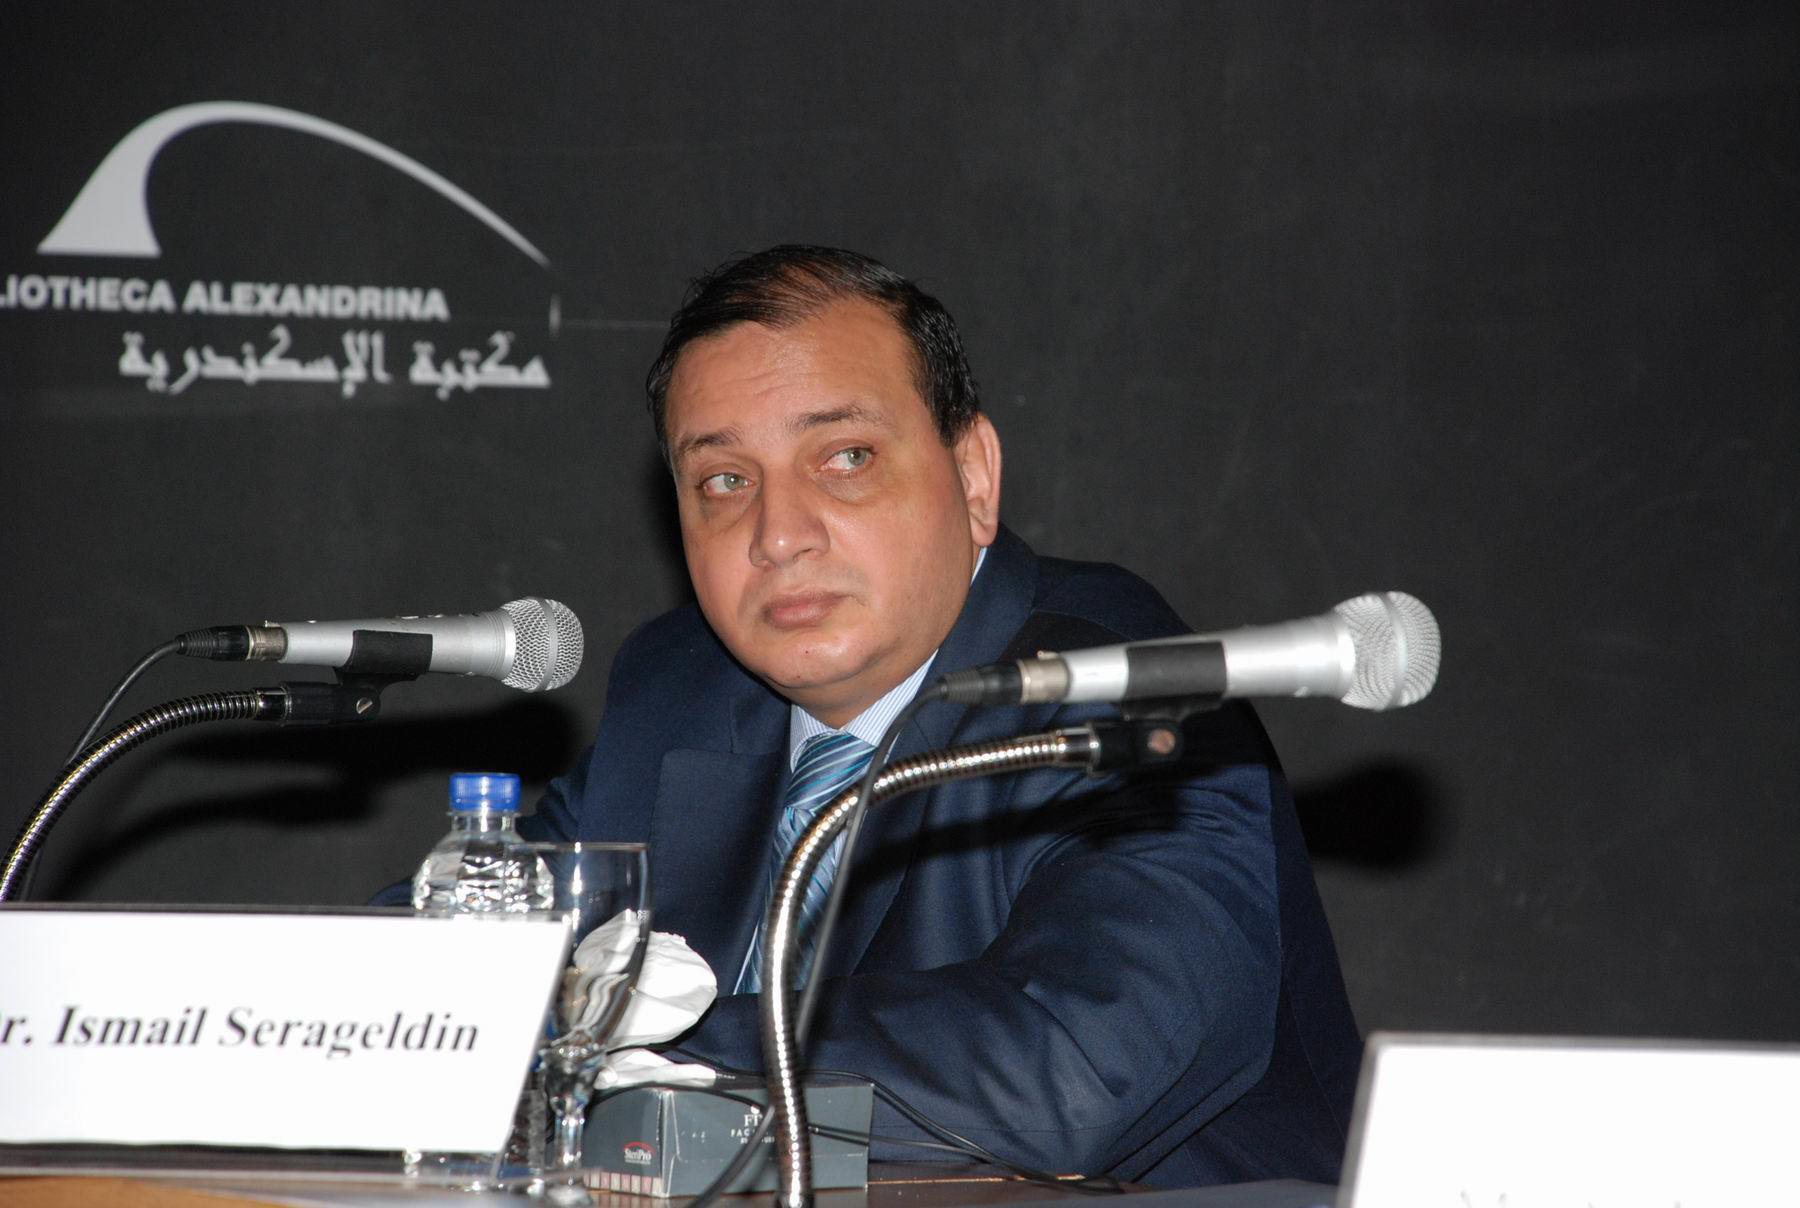 محمد الحمامصي - مصر